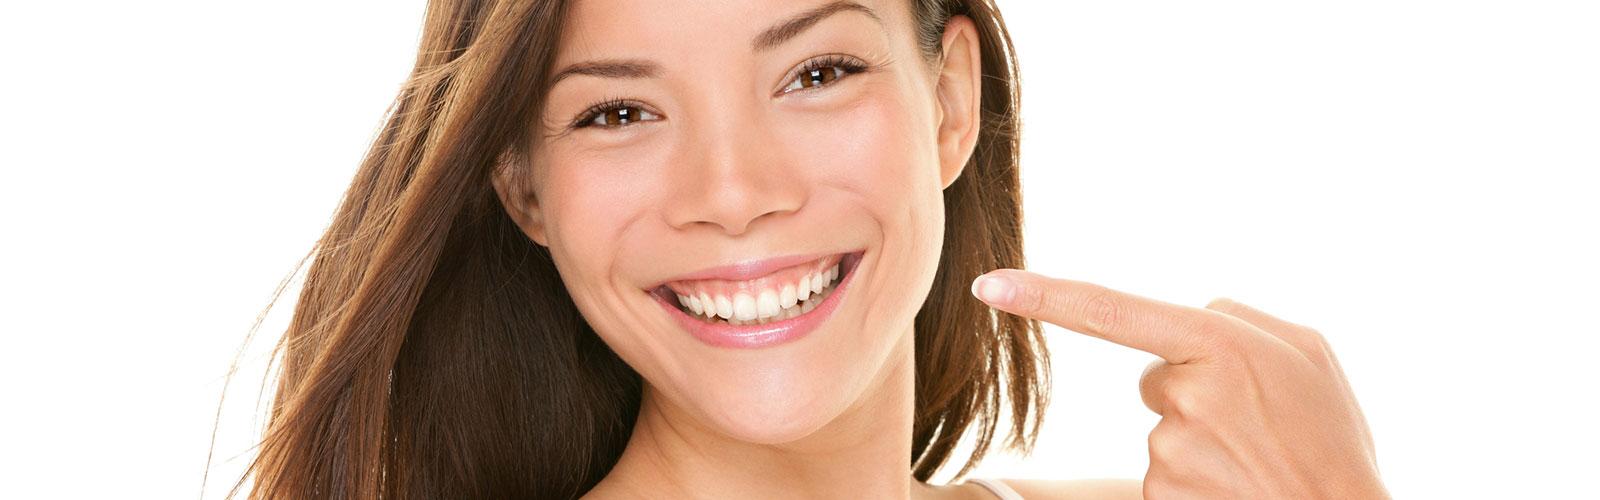 Happy girl having dental veneers